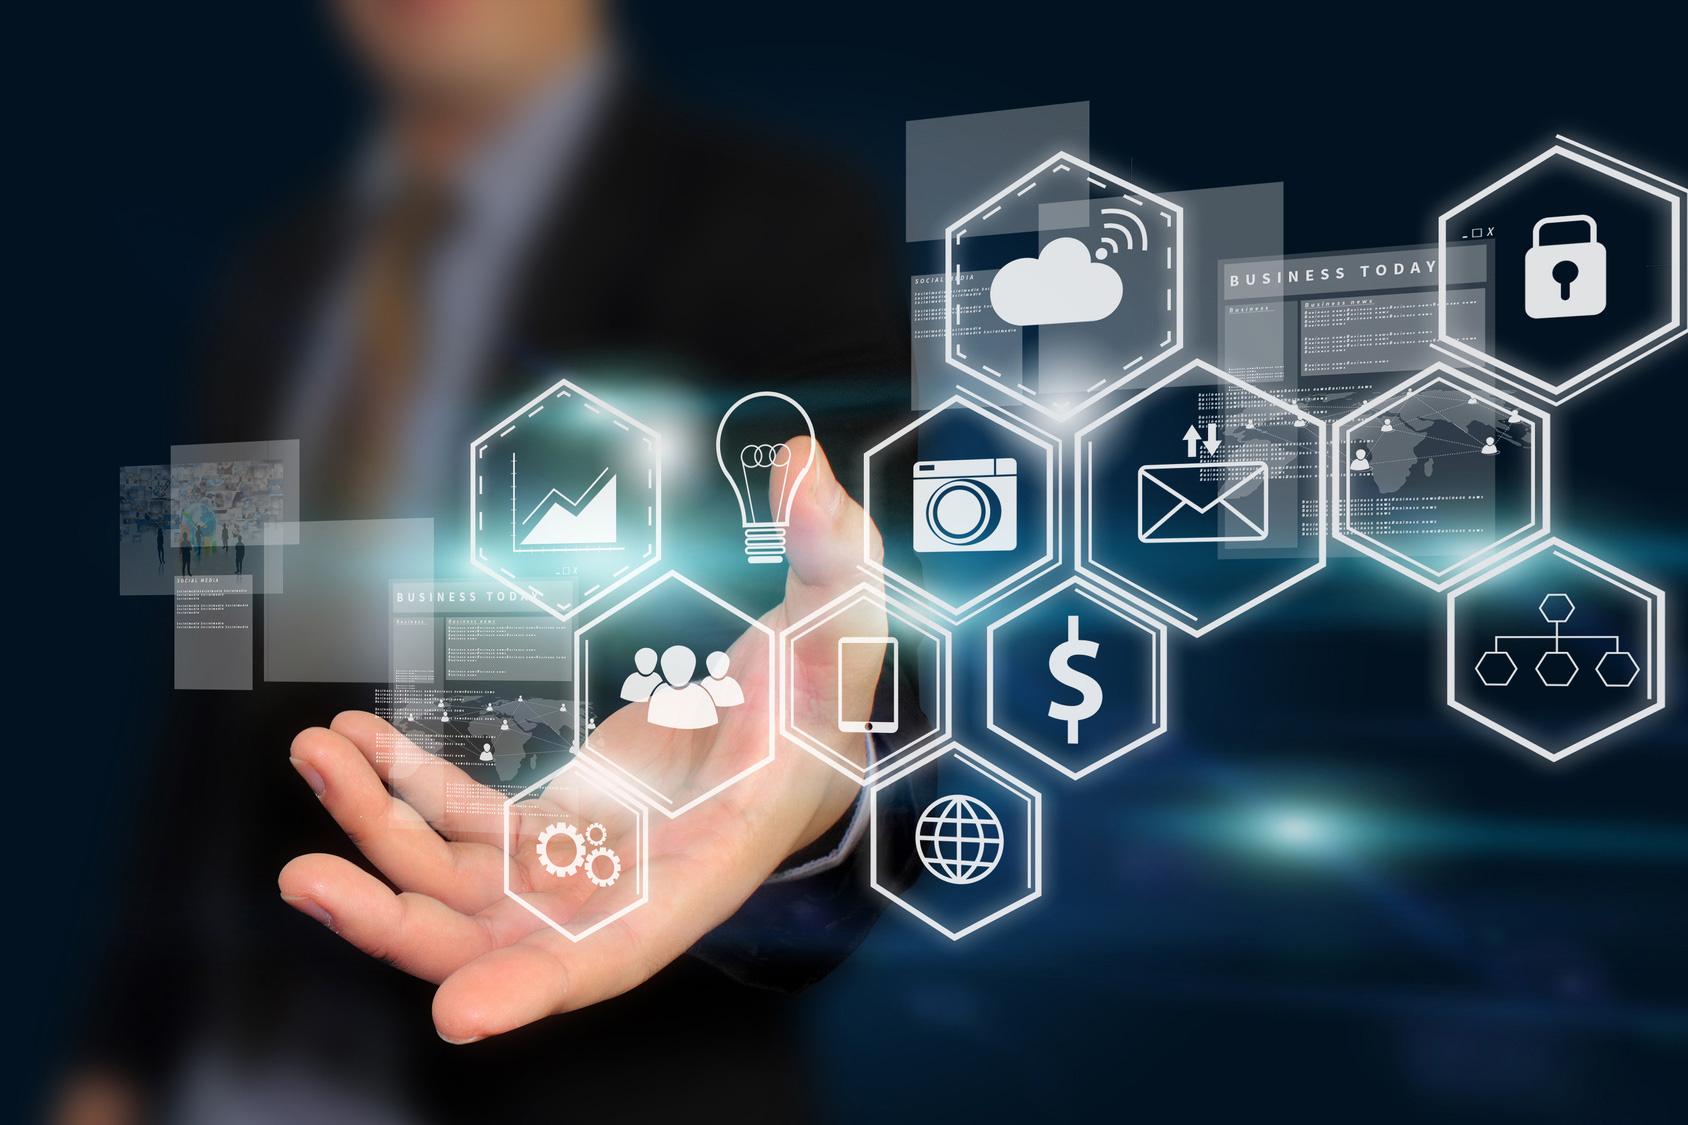 【创科广场】虚拟银行效应 客户信任优先